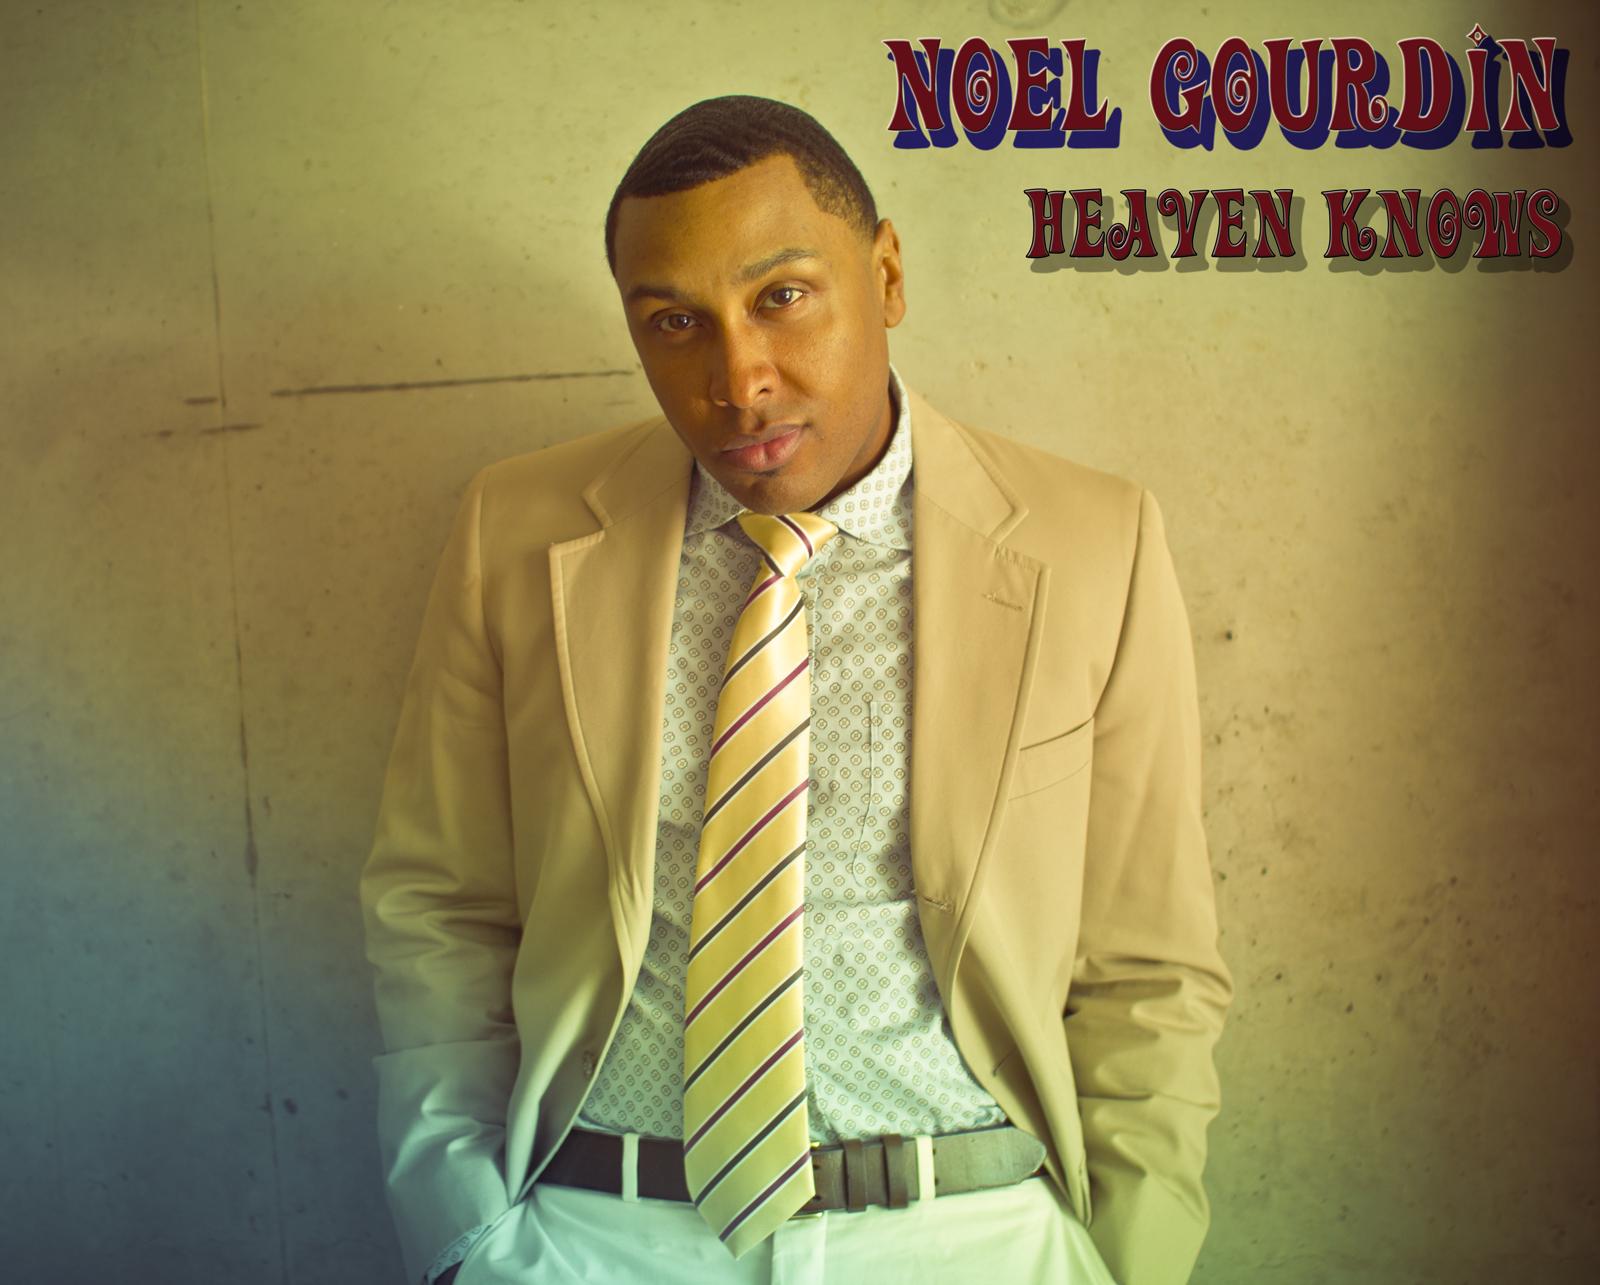 NOEL-GOURDIN-HEAVEN-KNOWS-COVER-FINAL-web